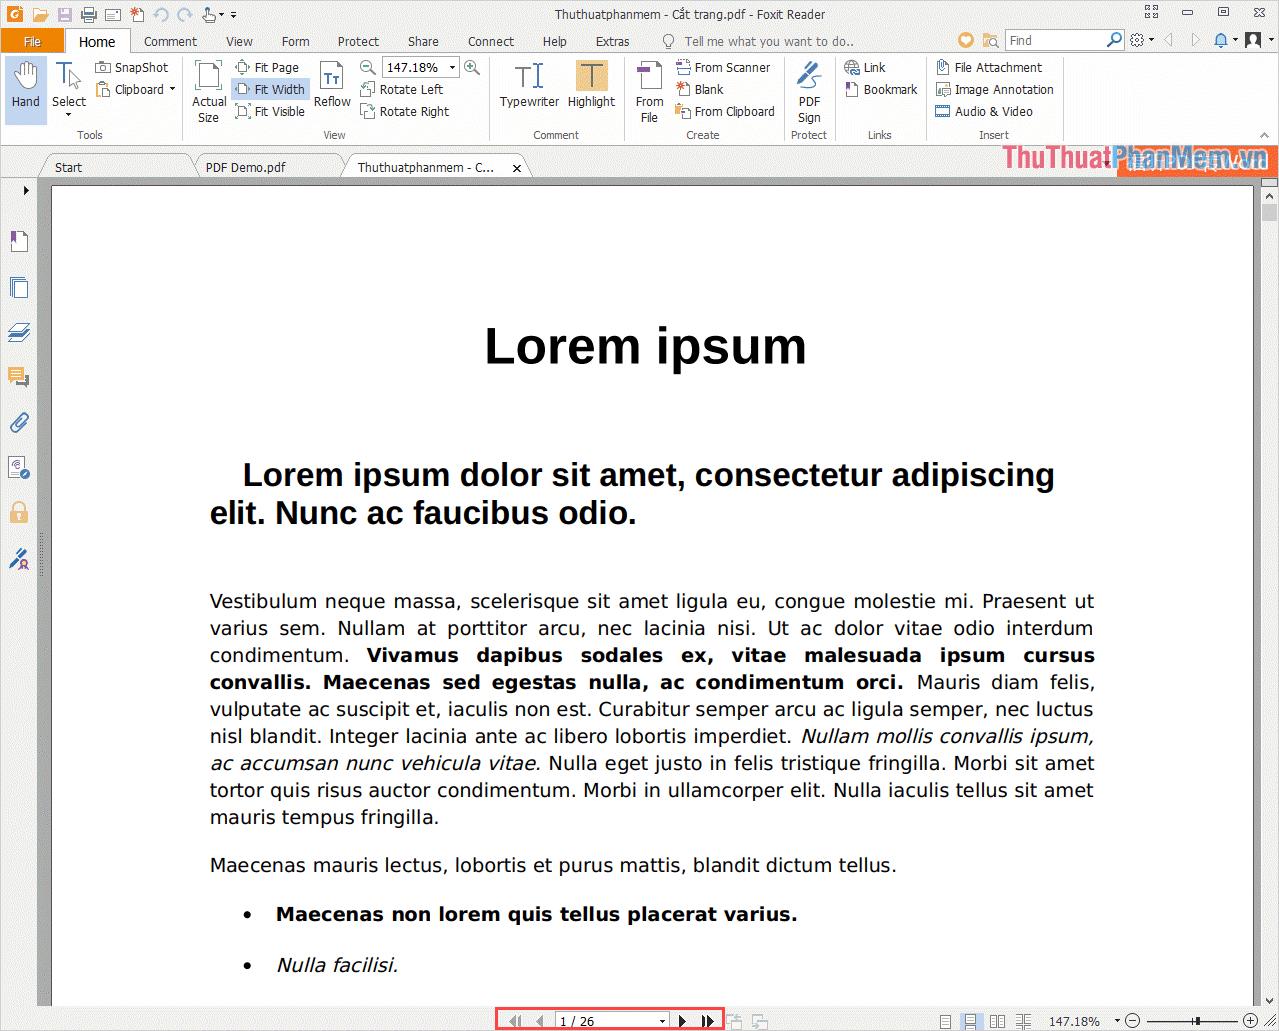 Kết quả là File PDF của chúng ta sau khi cắt xung chỉ còn có 26 trang thay vì 30 trang như trước đây